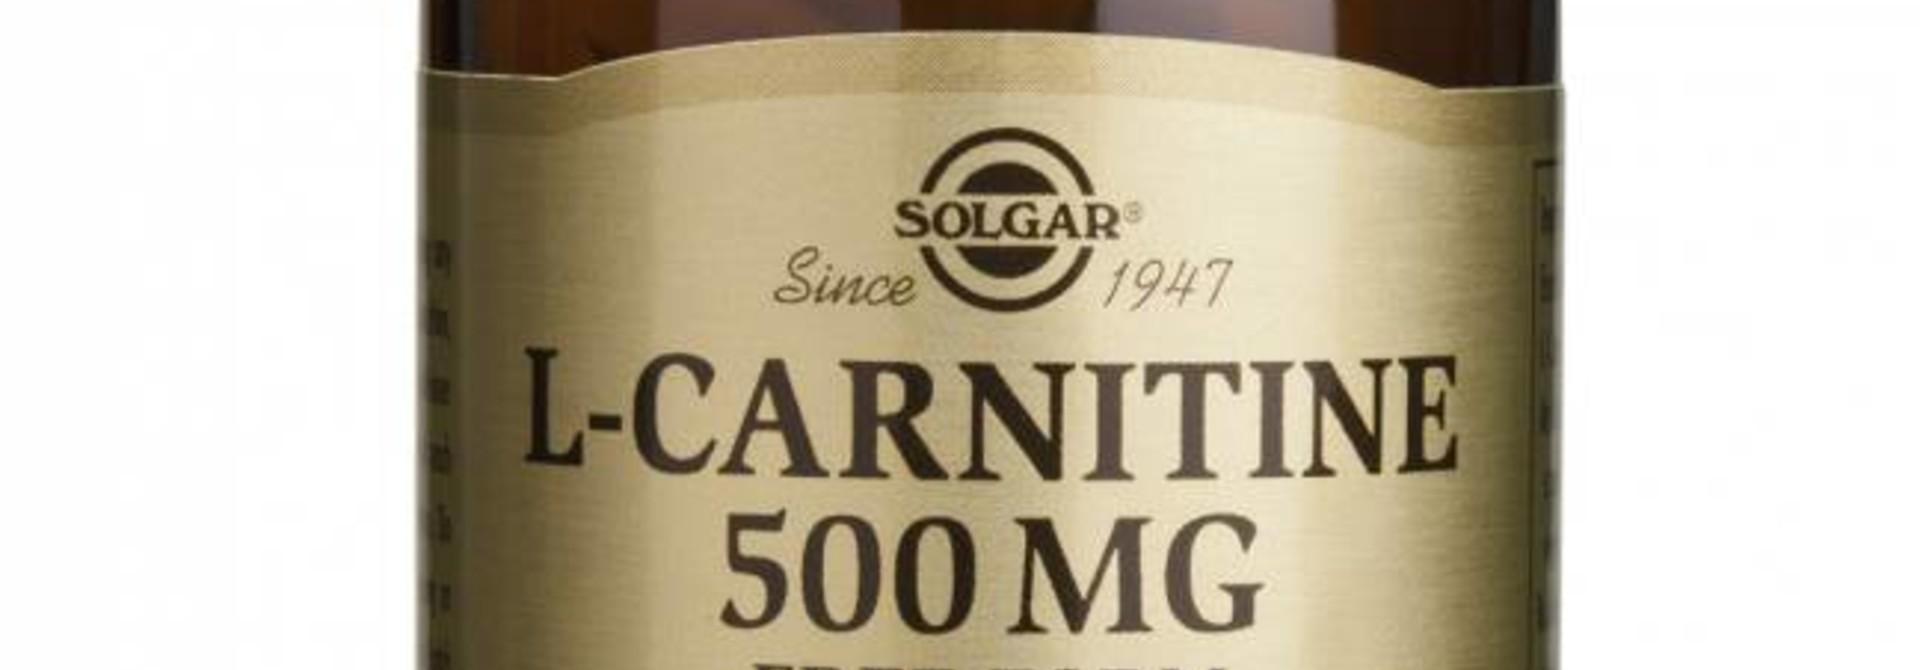 L-Carnitine 500 mg 60 tabletten